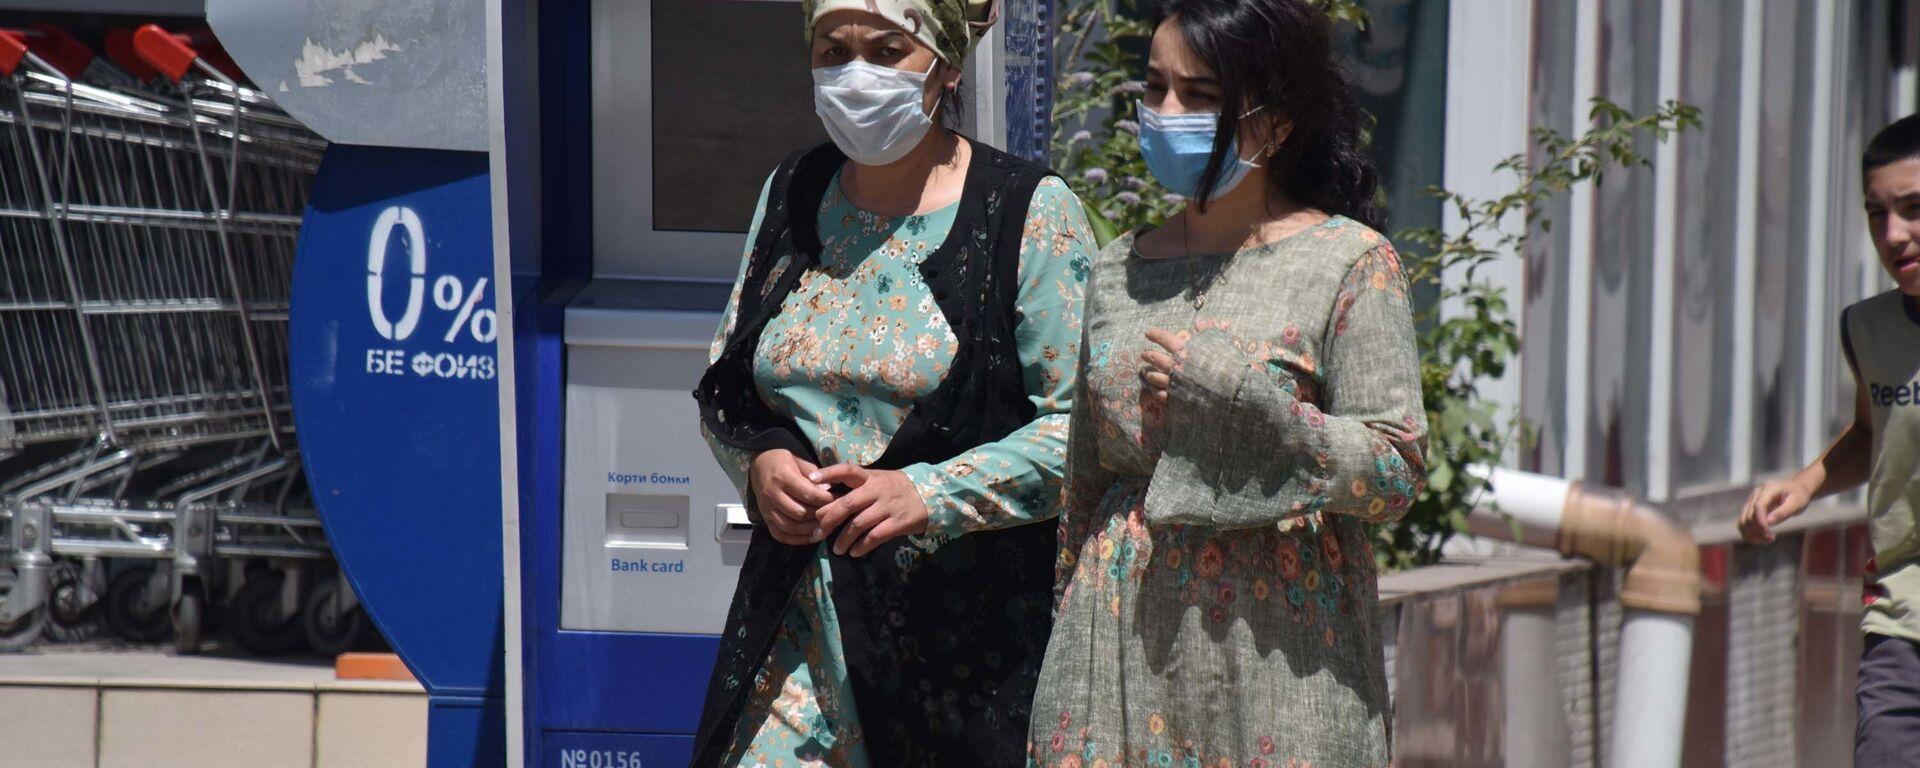 Люди в масках в Душанбе - Sputnik Таджикистан, 1920, 23.06.2021